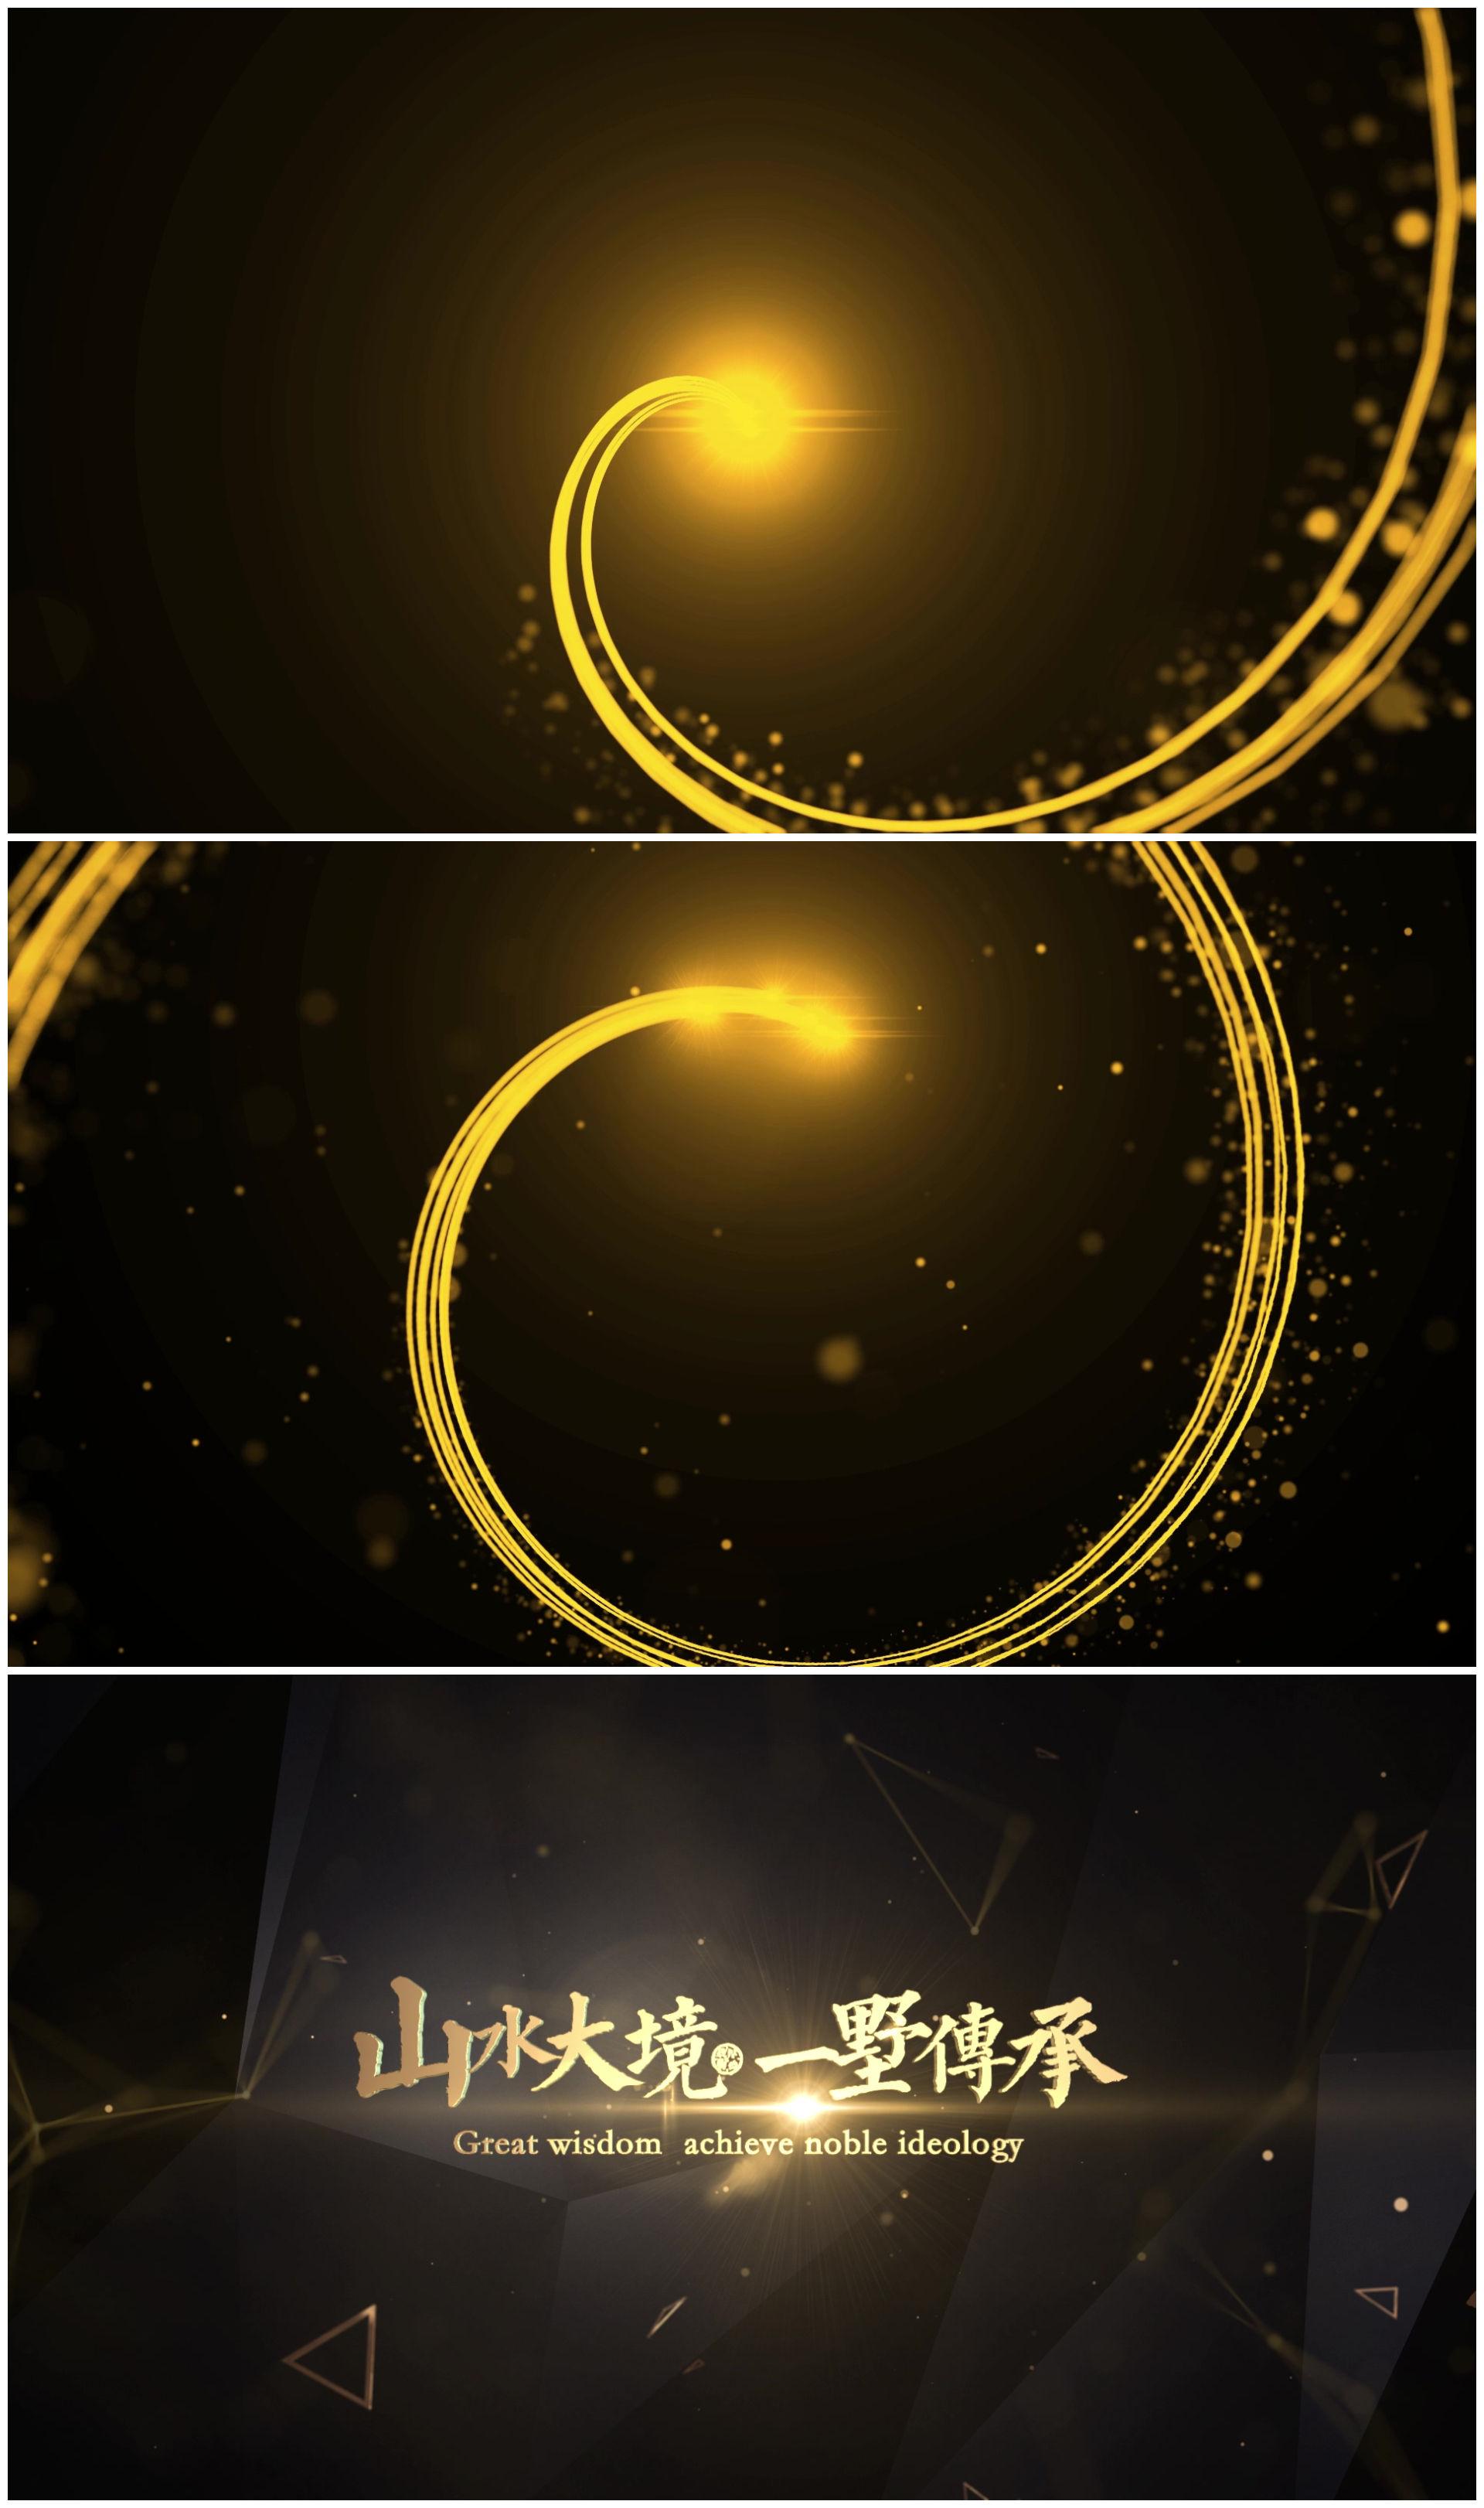 震撼金色粒子LOGO片头AE模板